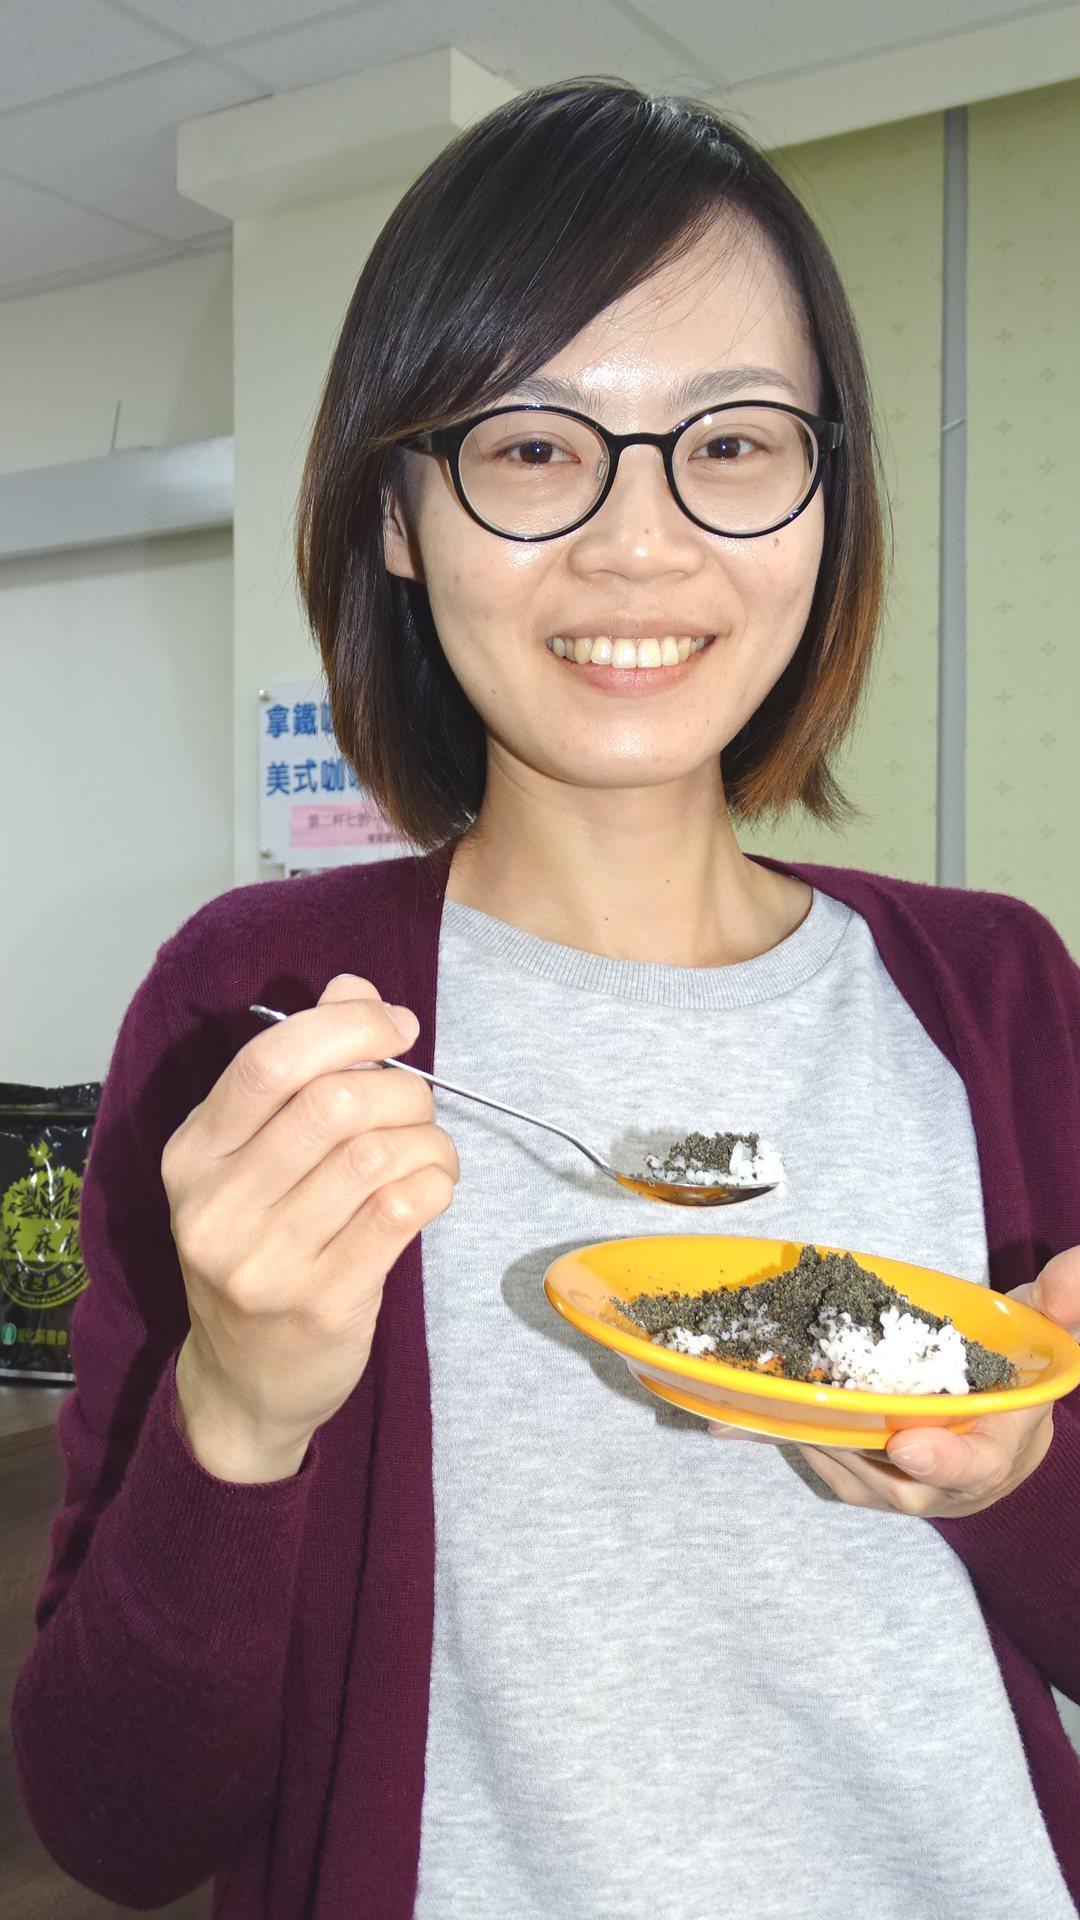 台南善化農會、公所周六、日辦理胡麻季農業產業文化活動,展示新研發的芝麻飯。記者謝...